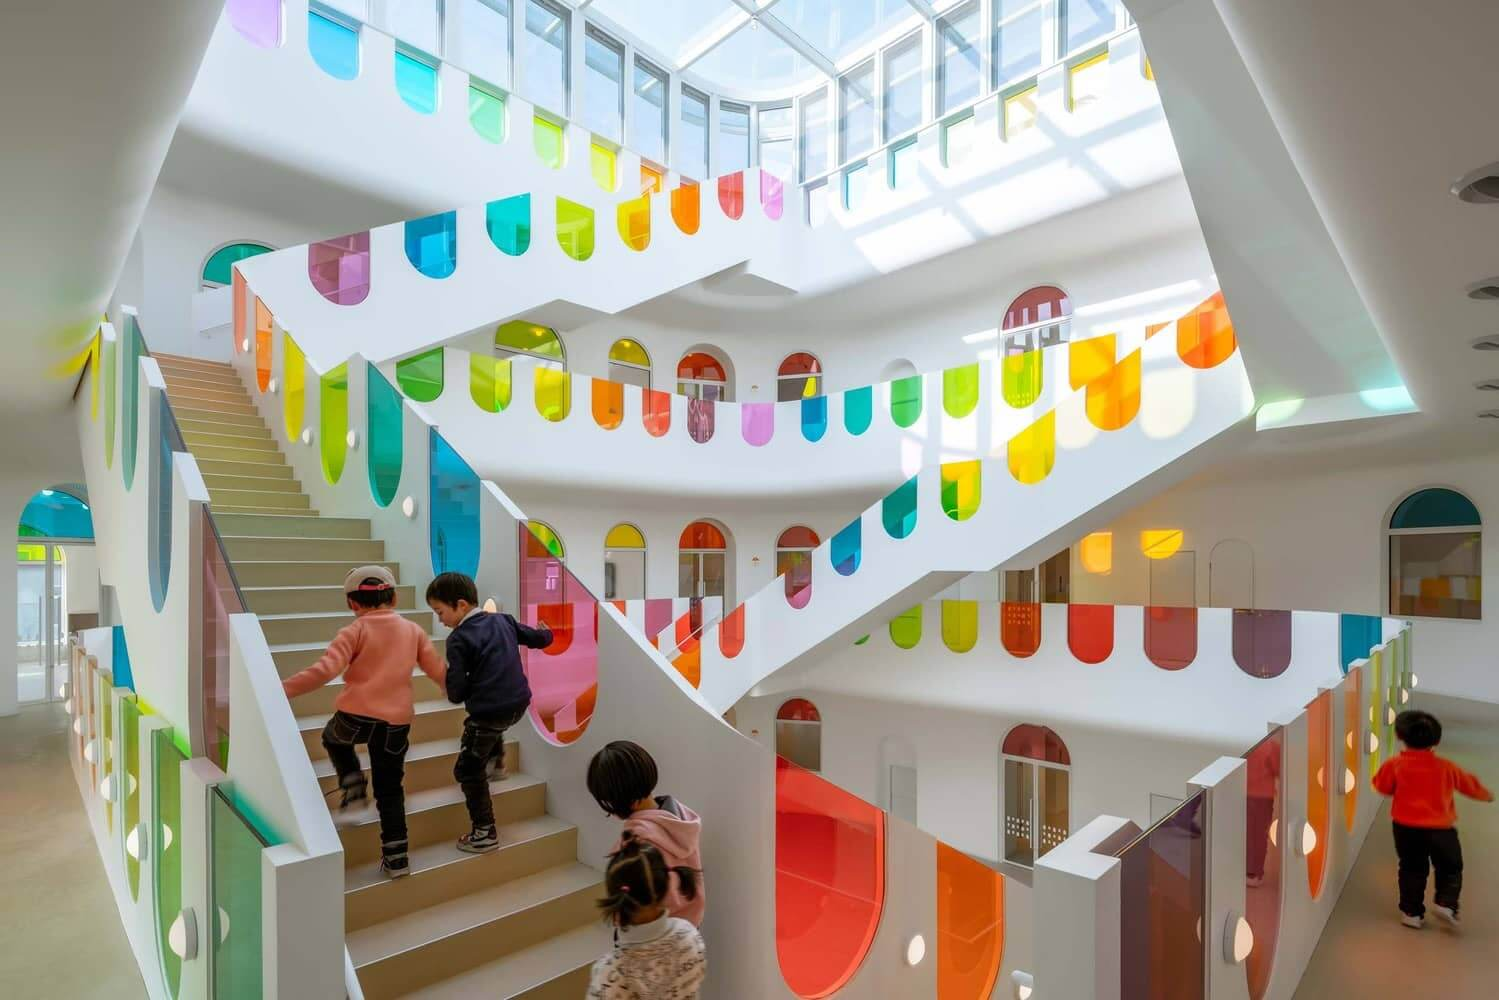 vidrios de colores en una guarderia en china